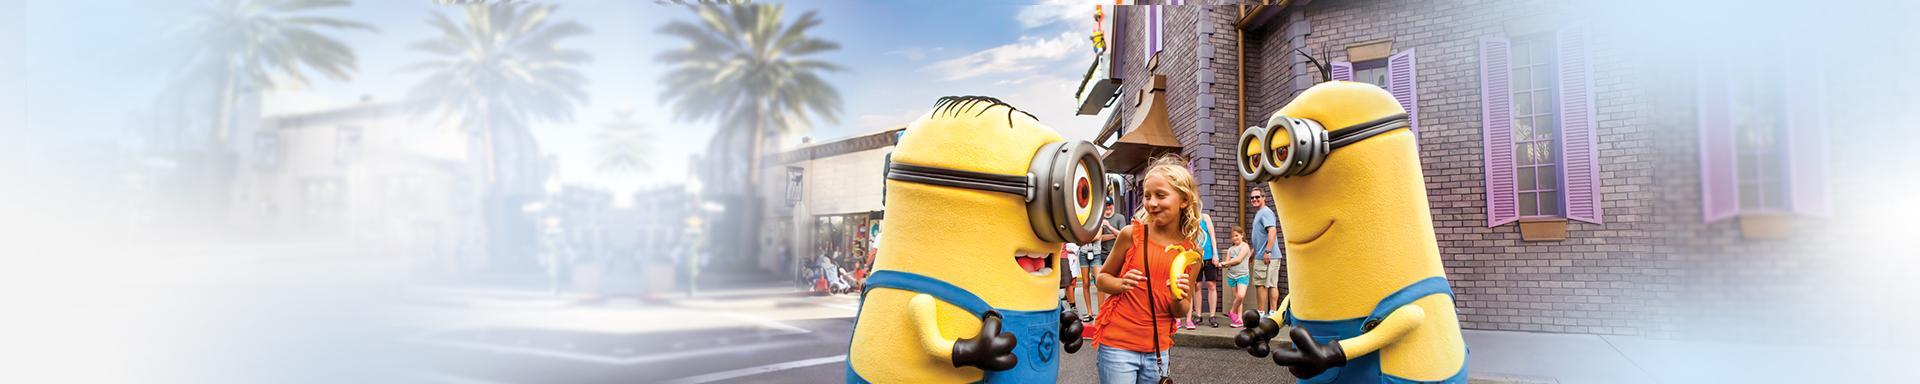 Promoção 3 parques Universal Orlando pelo preço de 2!